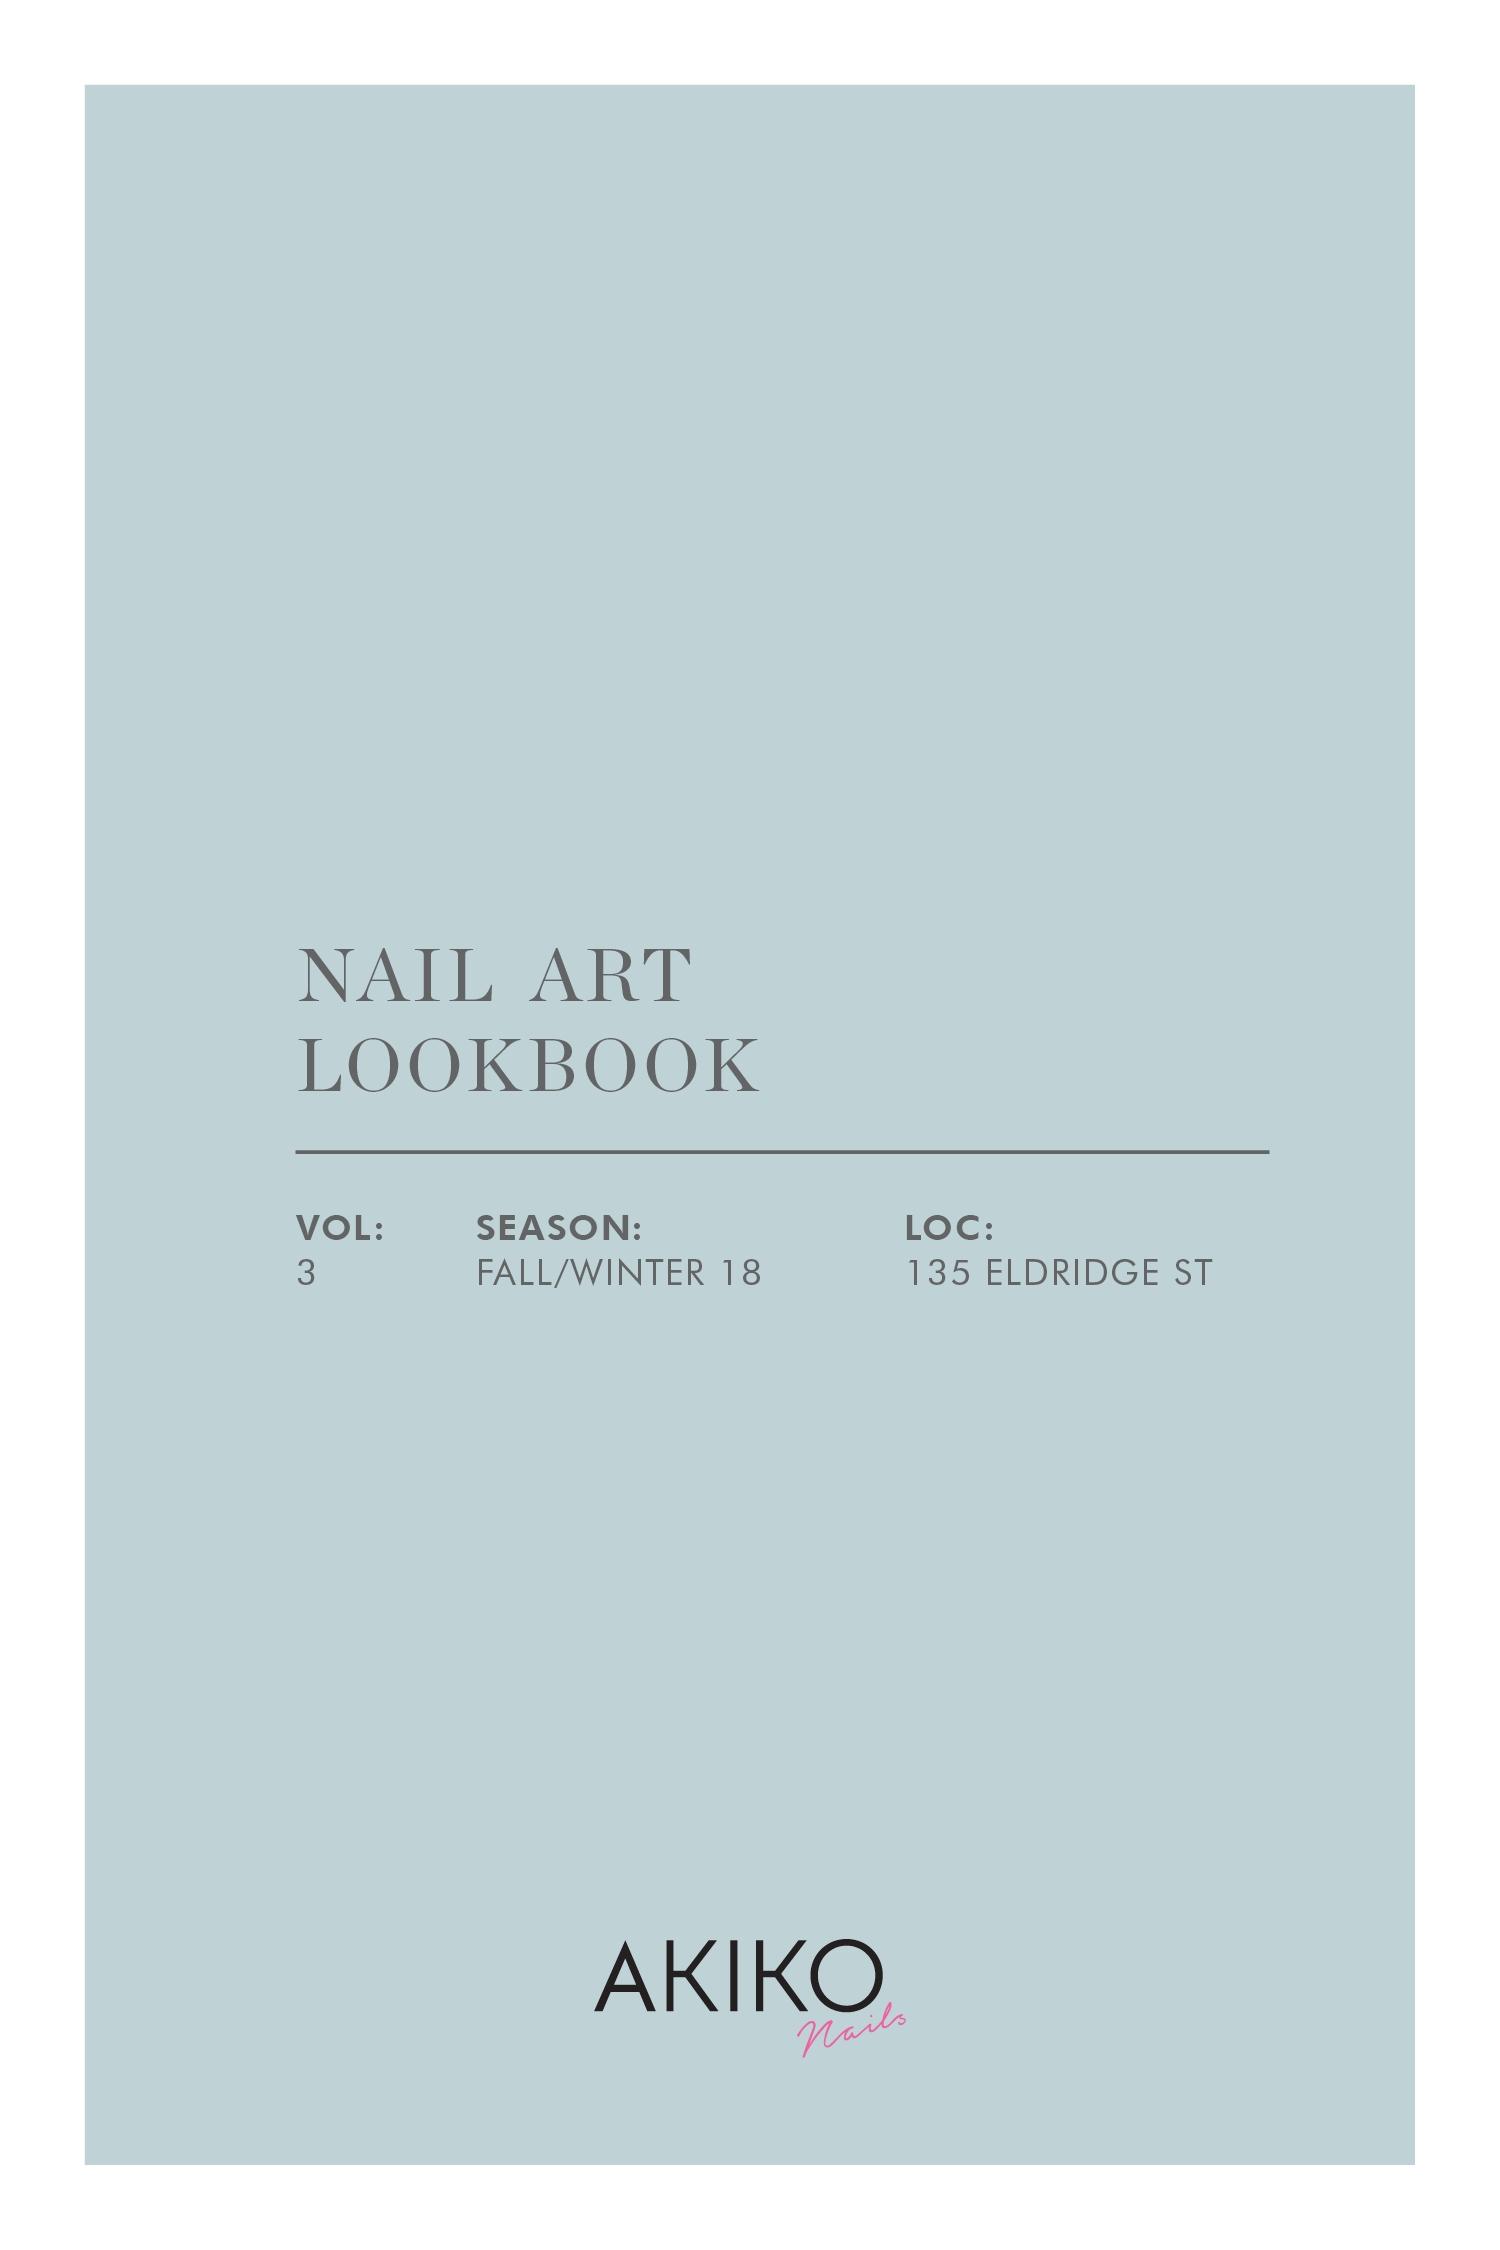 F18 Akiko Nails Lookbook_web .jpg